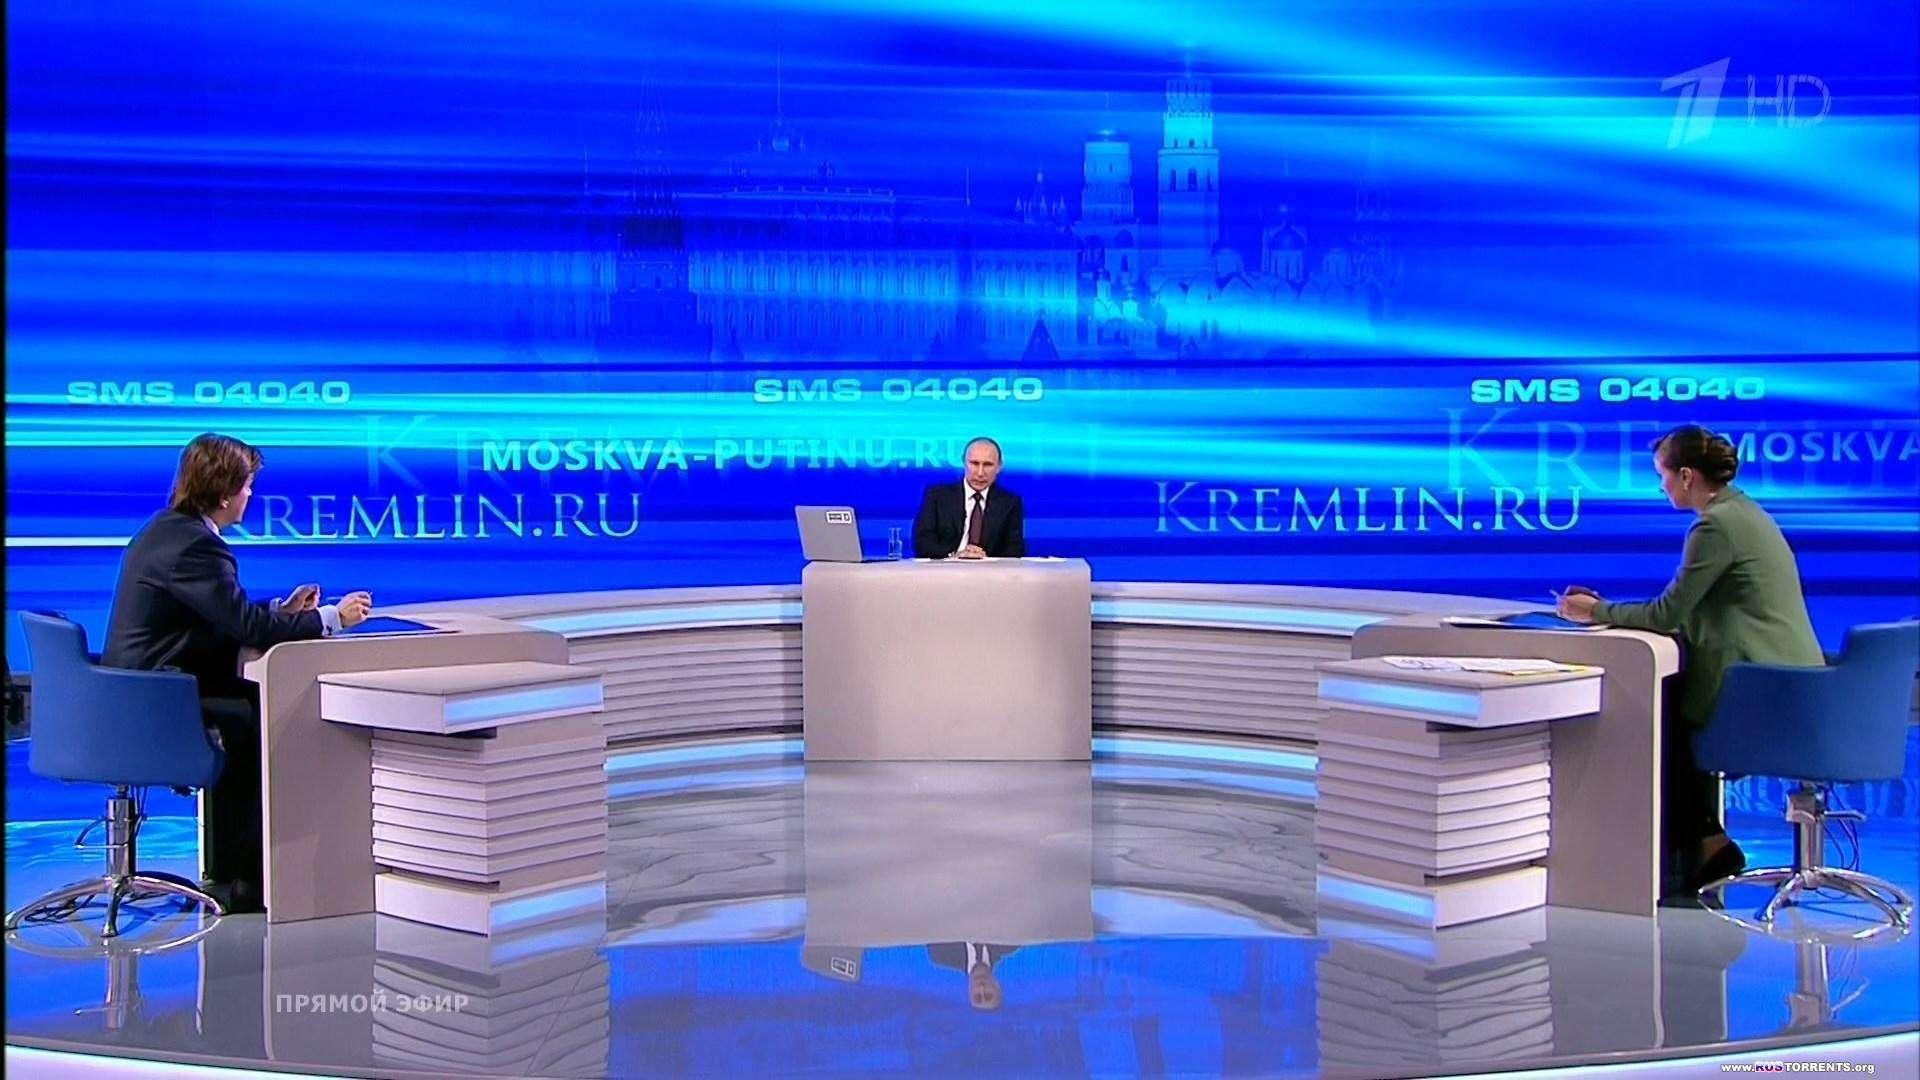 ������ ����� � ���������� ������� (17.04.) | HDTV 1080i